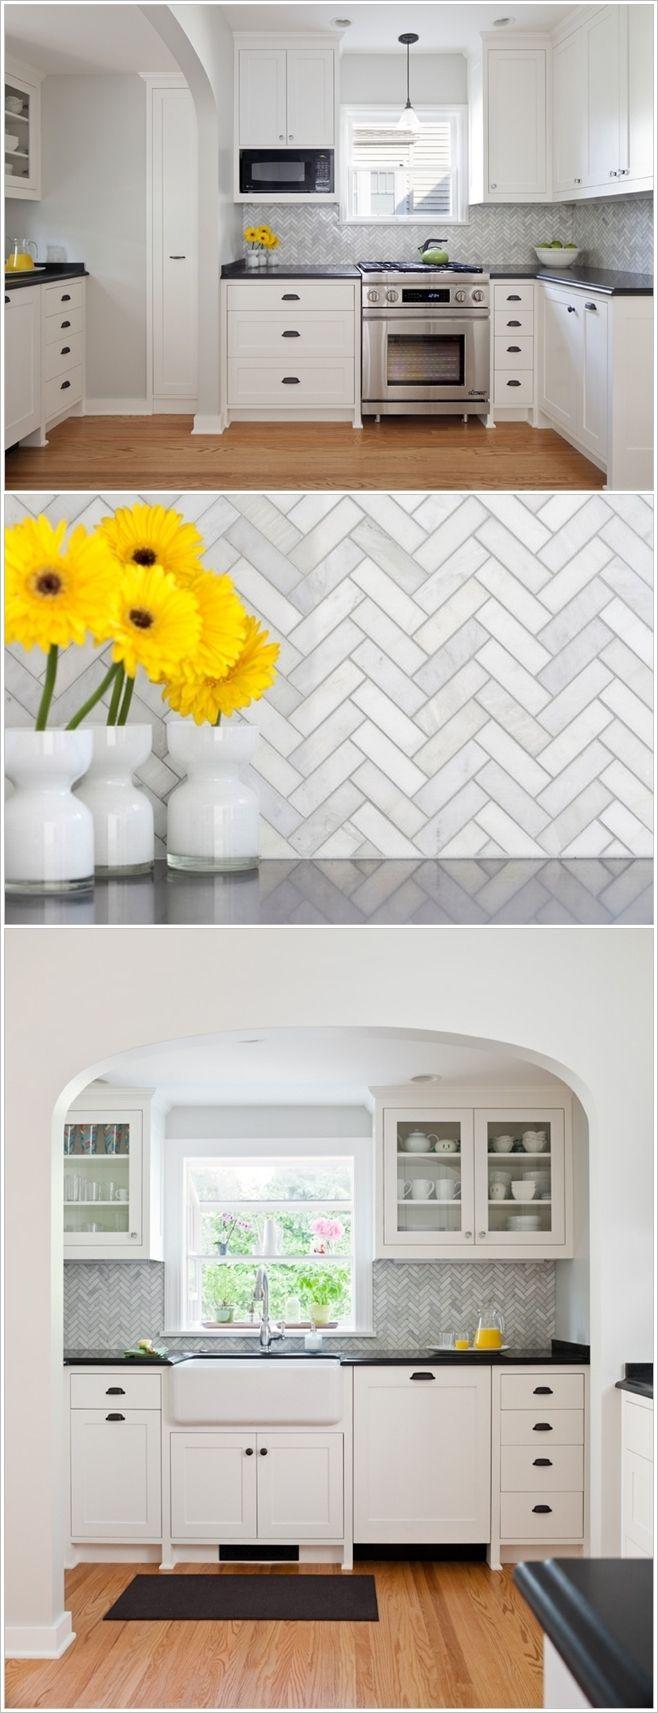 Best Kitchen Backsplash Designs Trendy Kitchen Backsplash 400 x 300